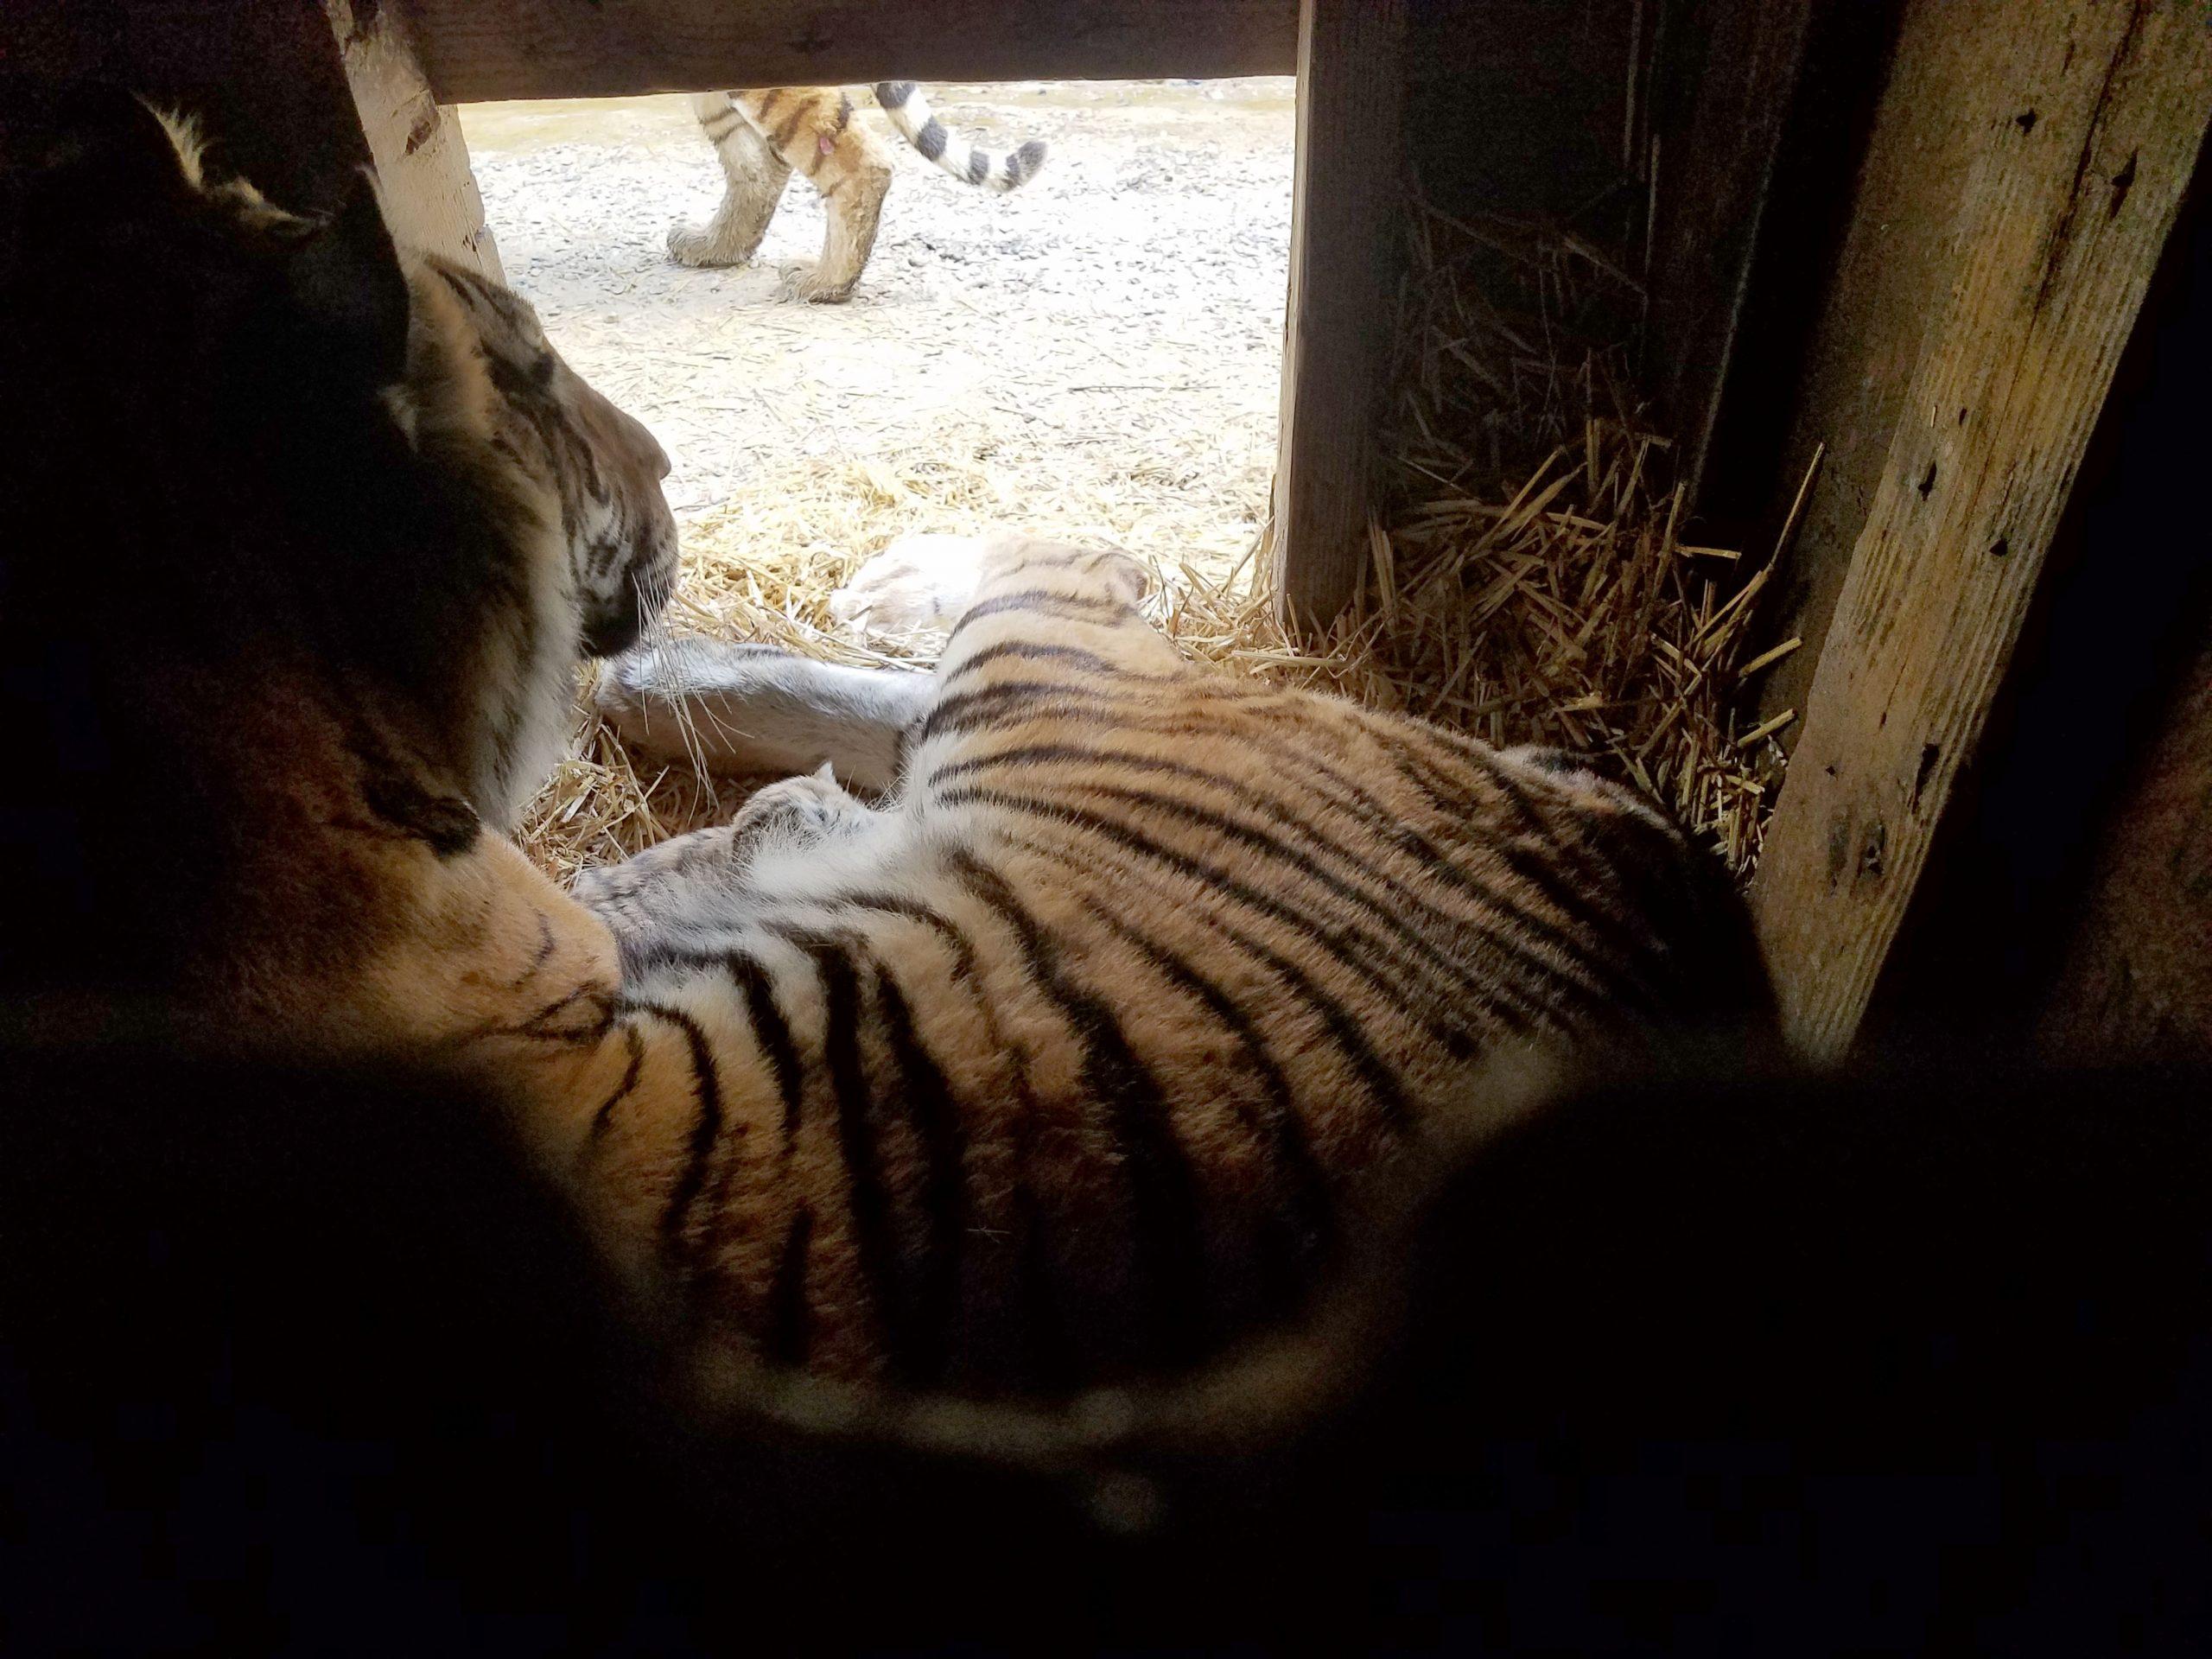 Courtesy of The Wildcat Sanctuary